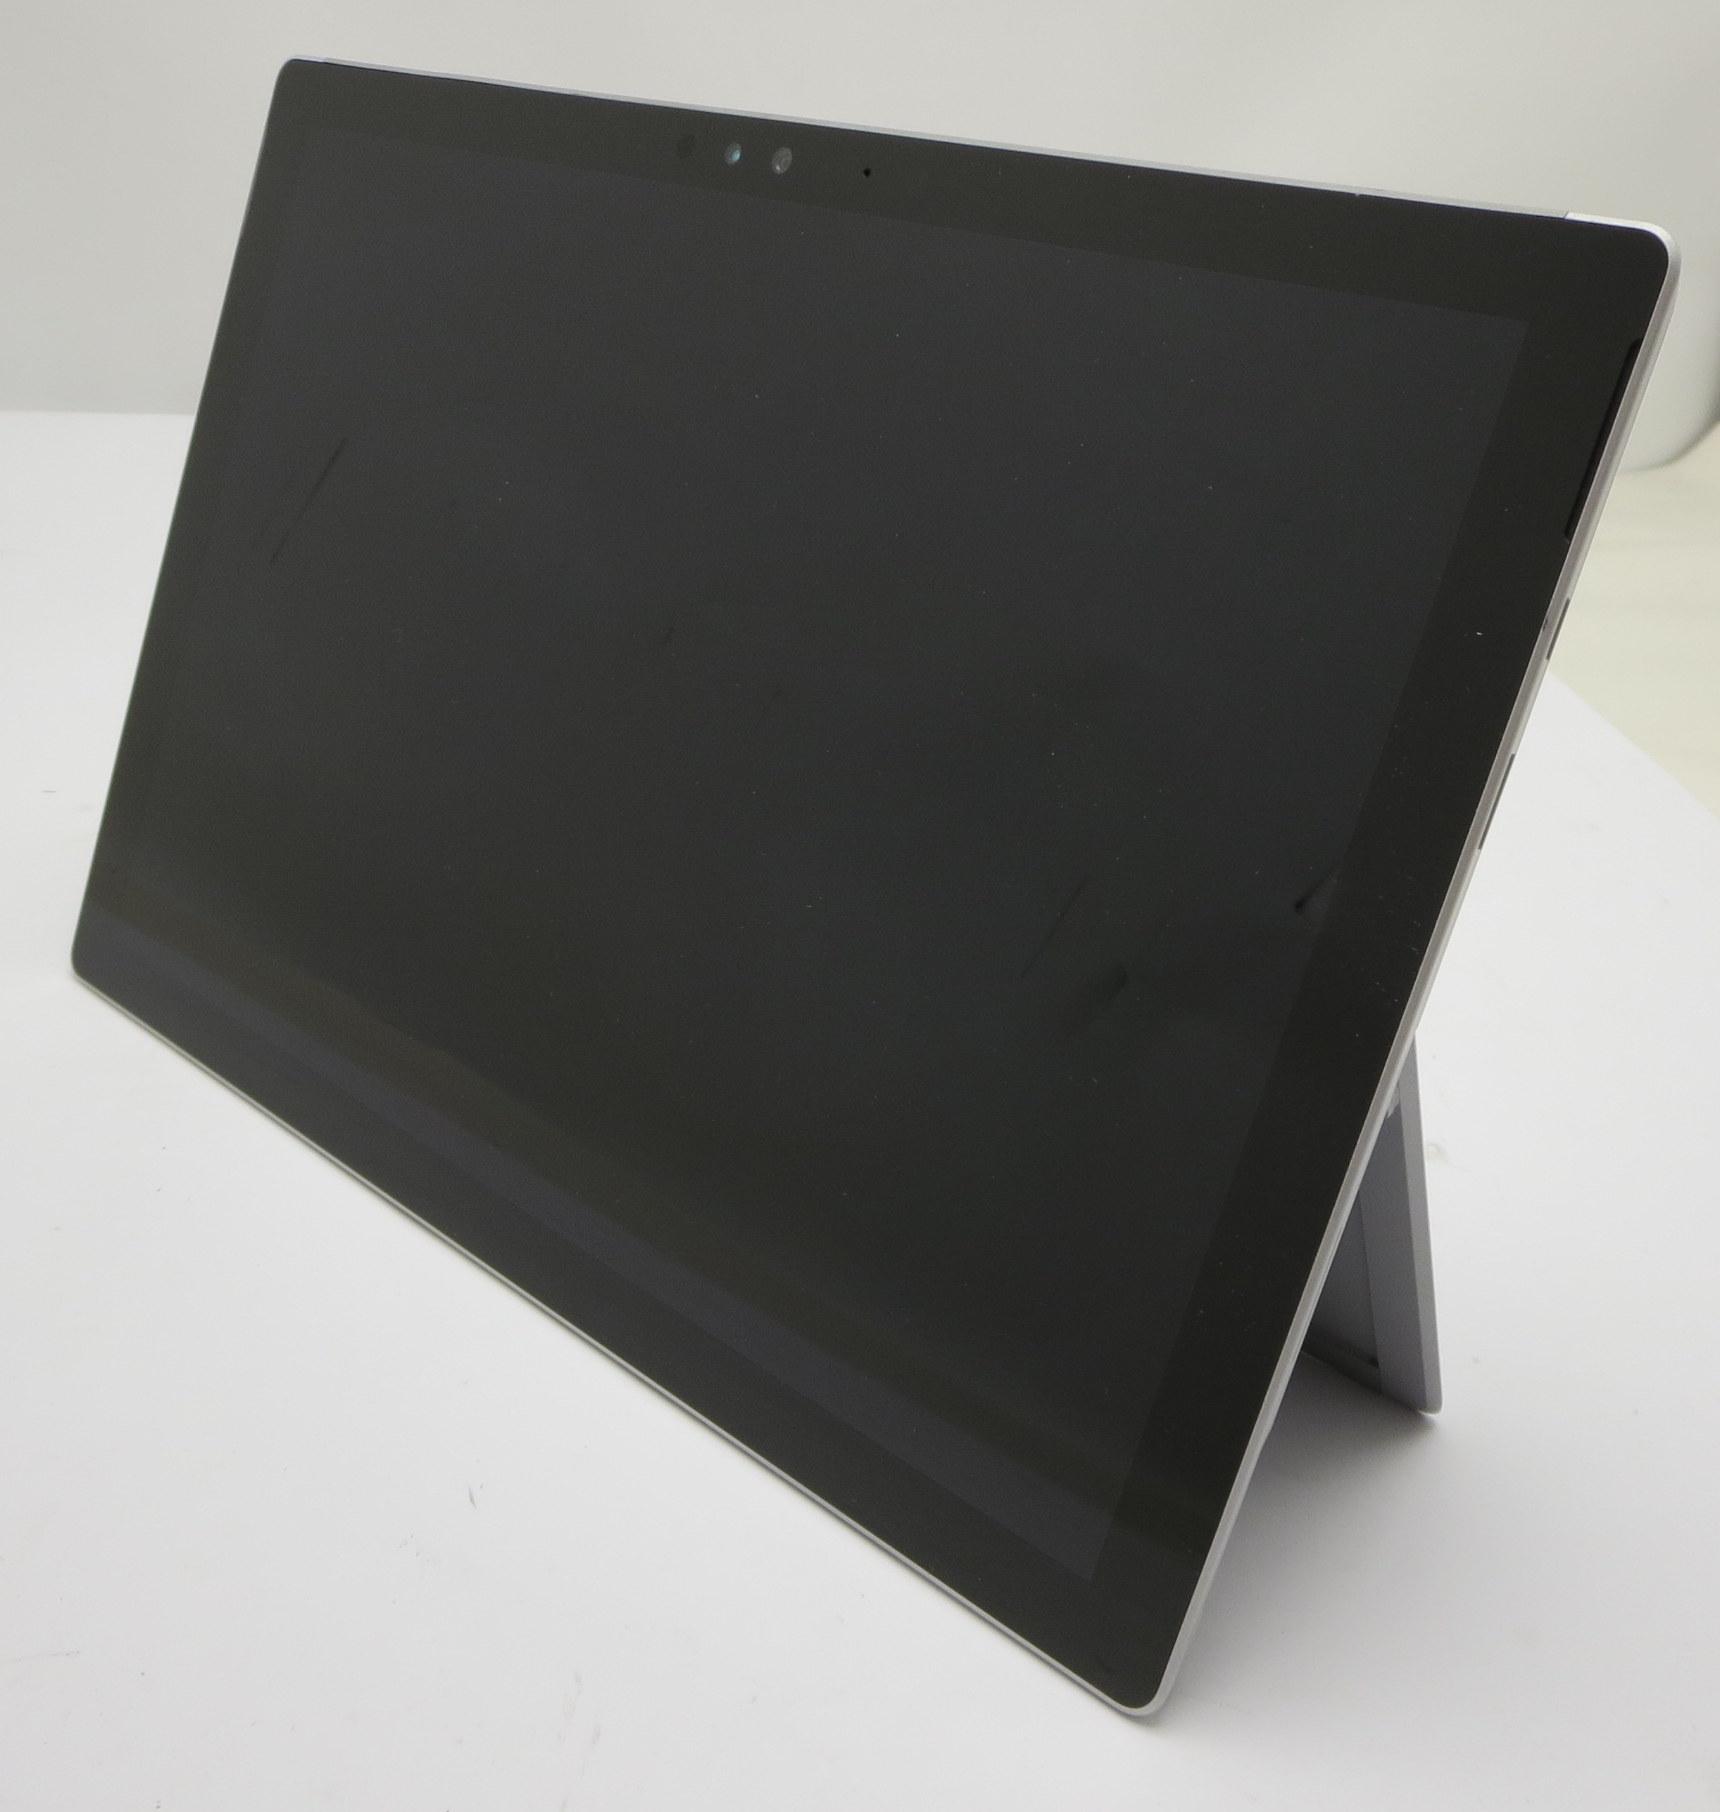 Microsoft Surface Pro 4 I5 4gb 128gb Silver Bnib Daftar Harga 6300u Ram Ssd 2736x1824 Muluss 24ghz 123 W10 Vr3 00002